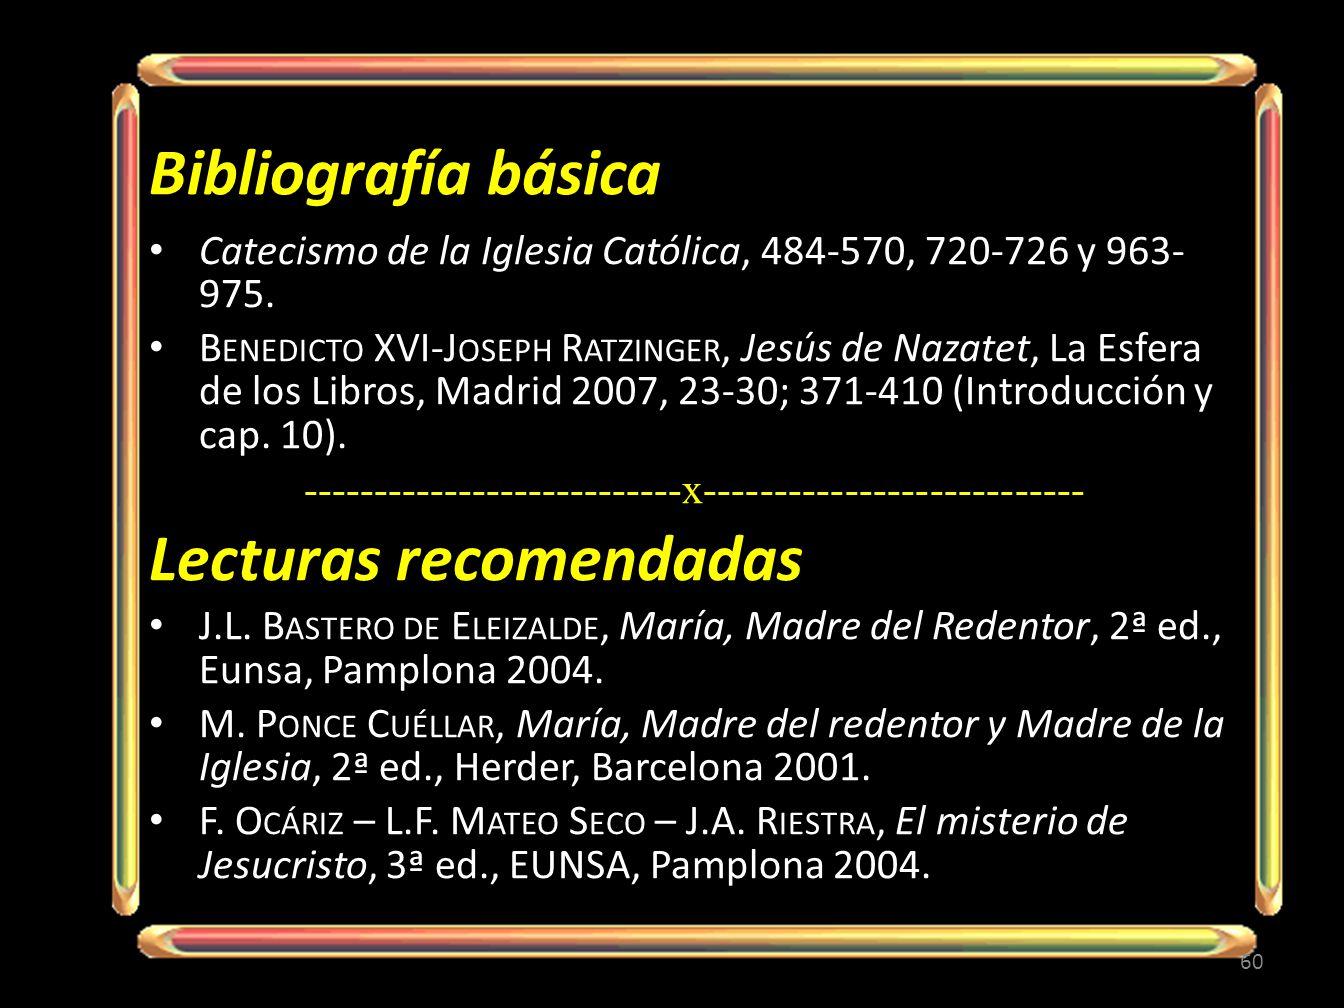 Bibliografía básica Catecismo de la Iglesia Católica, 484-570, 720-726 y 963- 975.